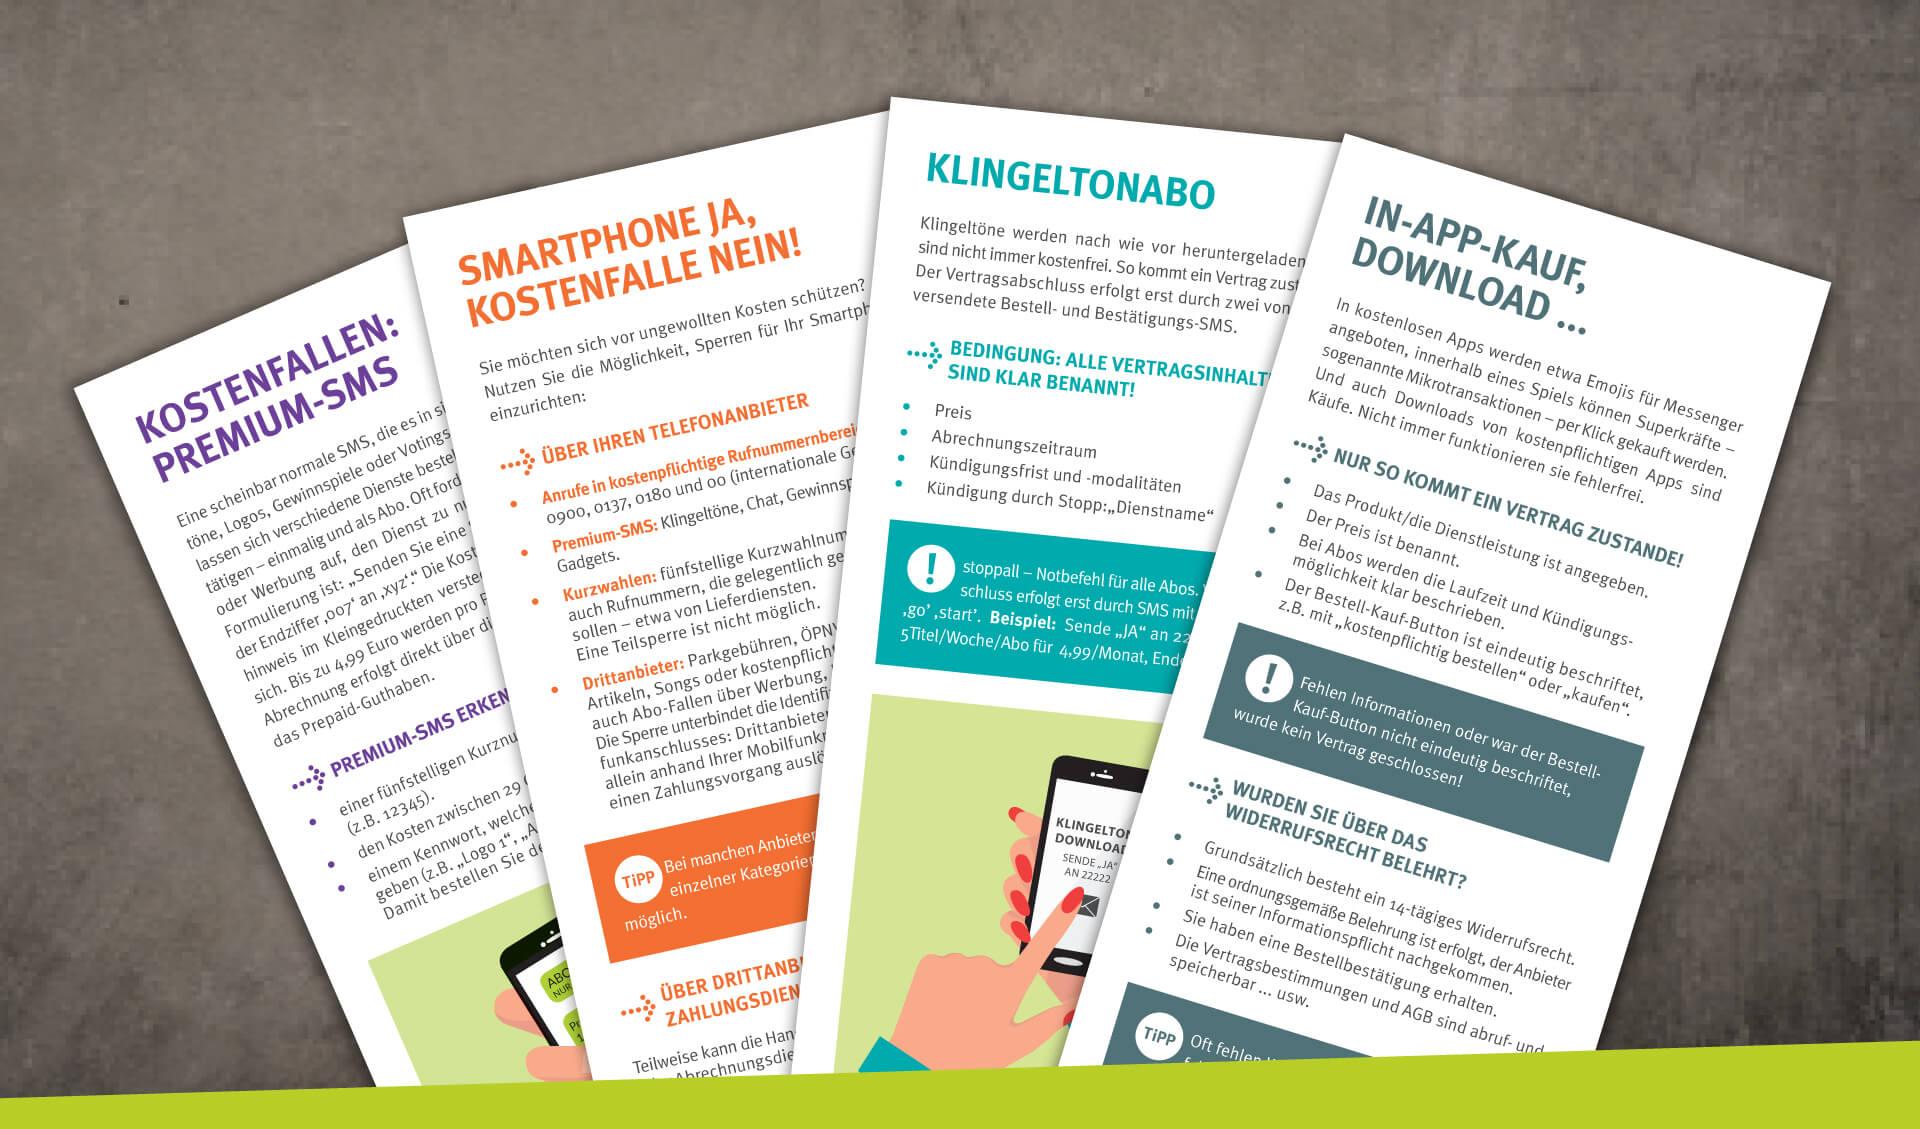 Flyer Kostenfalle Smartphone Verbraucherzentrale Niedersachsen